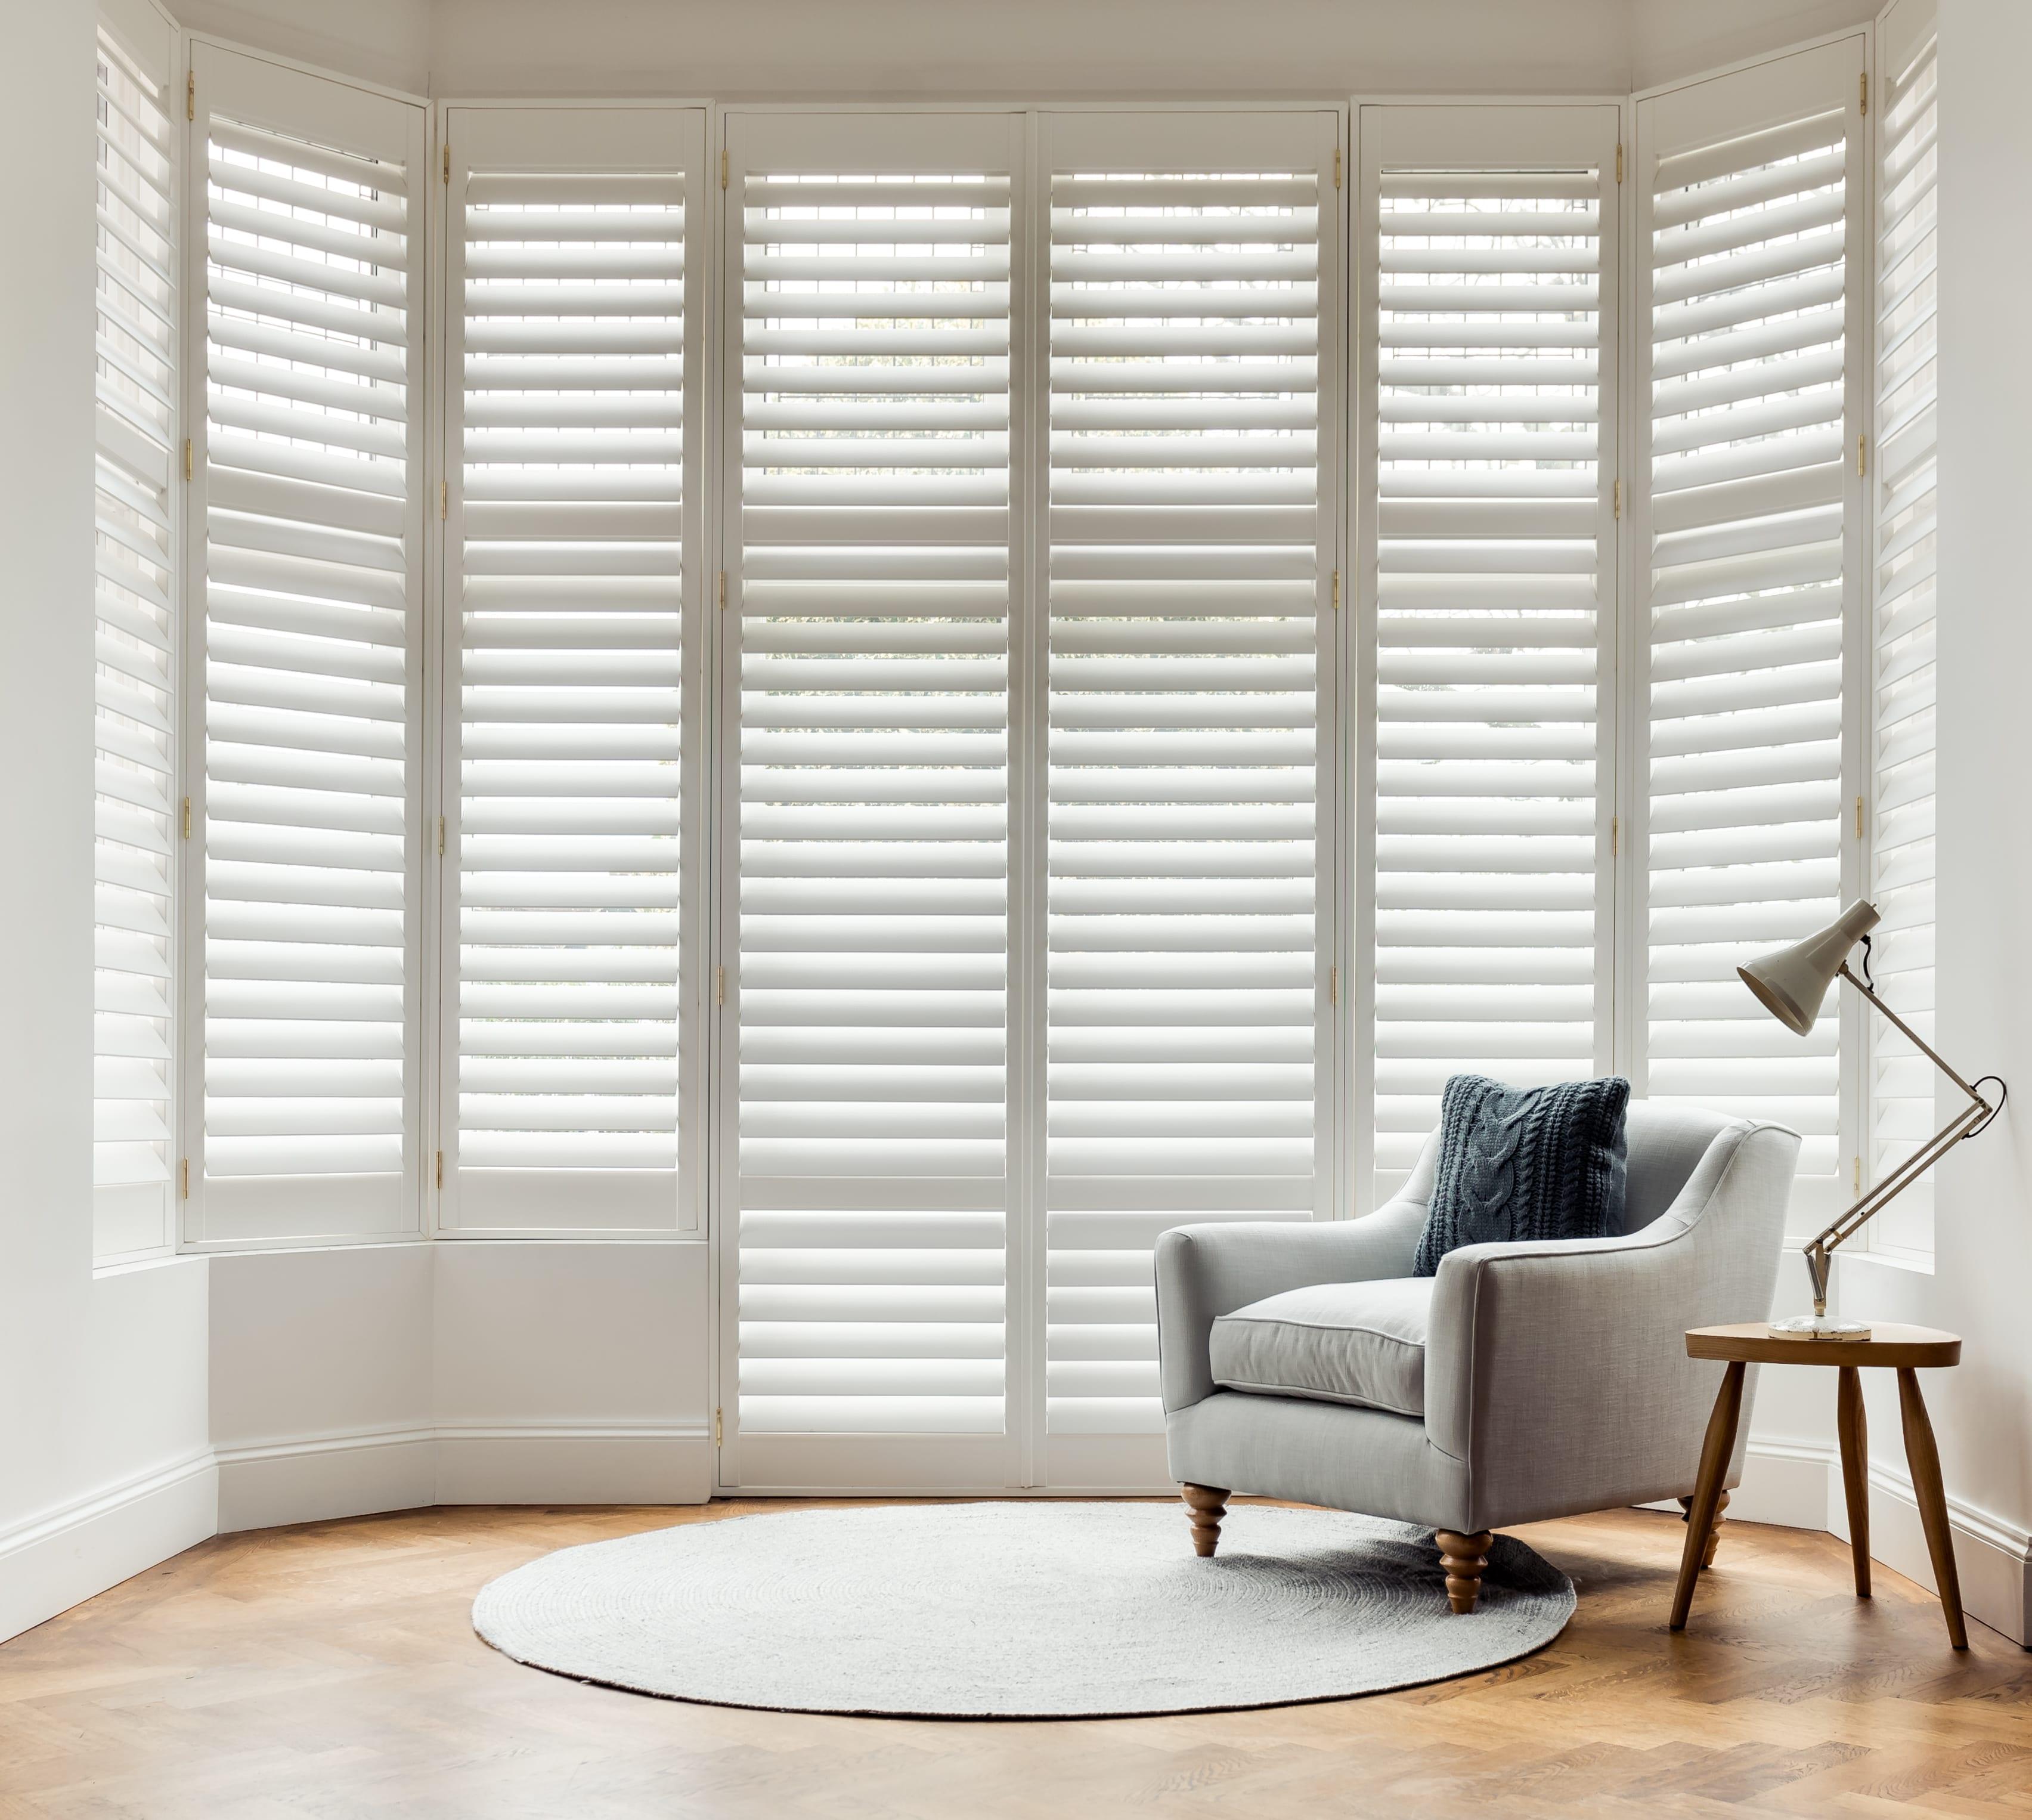 White full height shutters in the living room